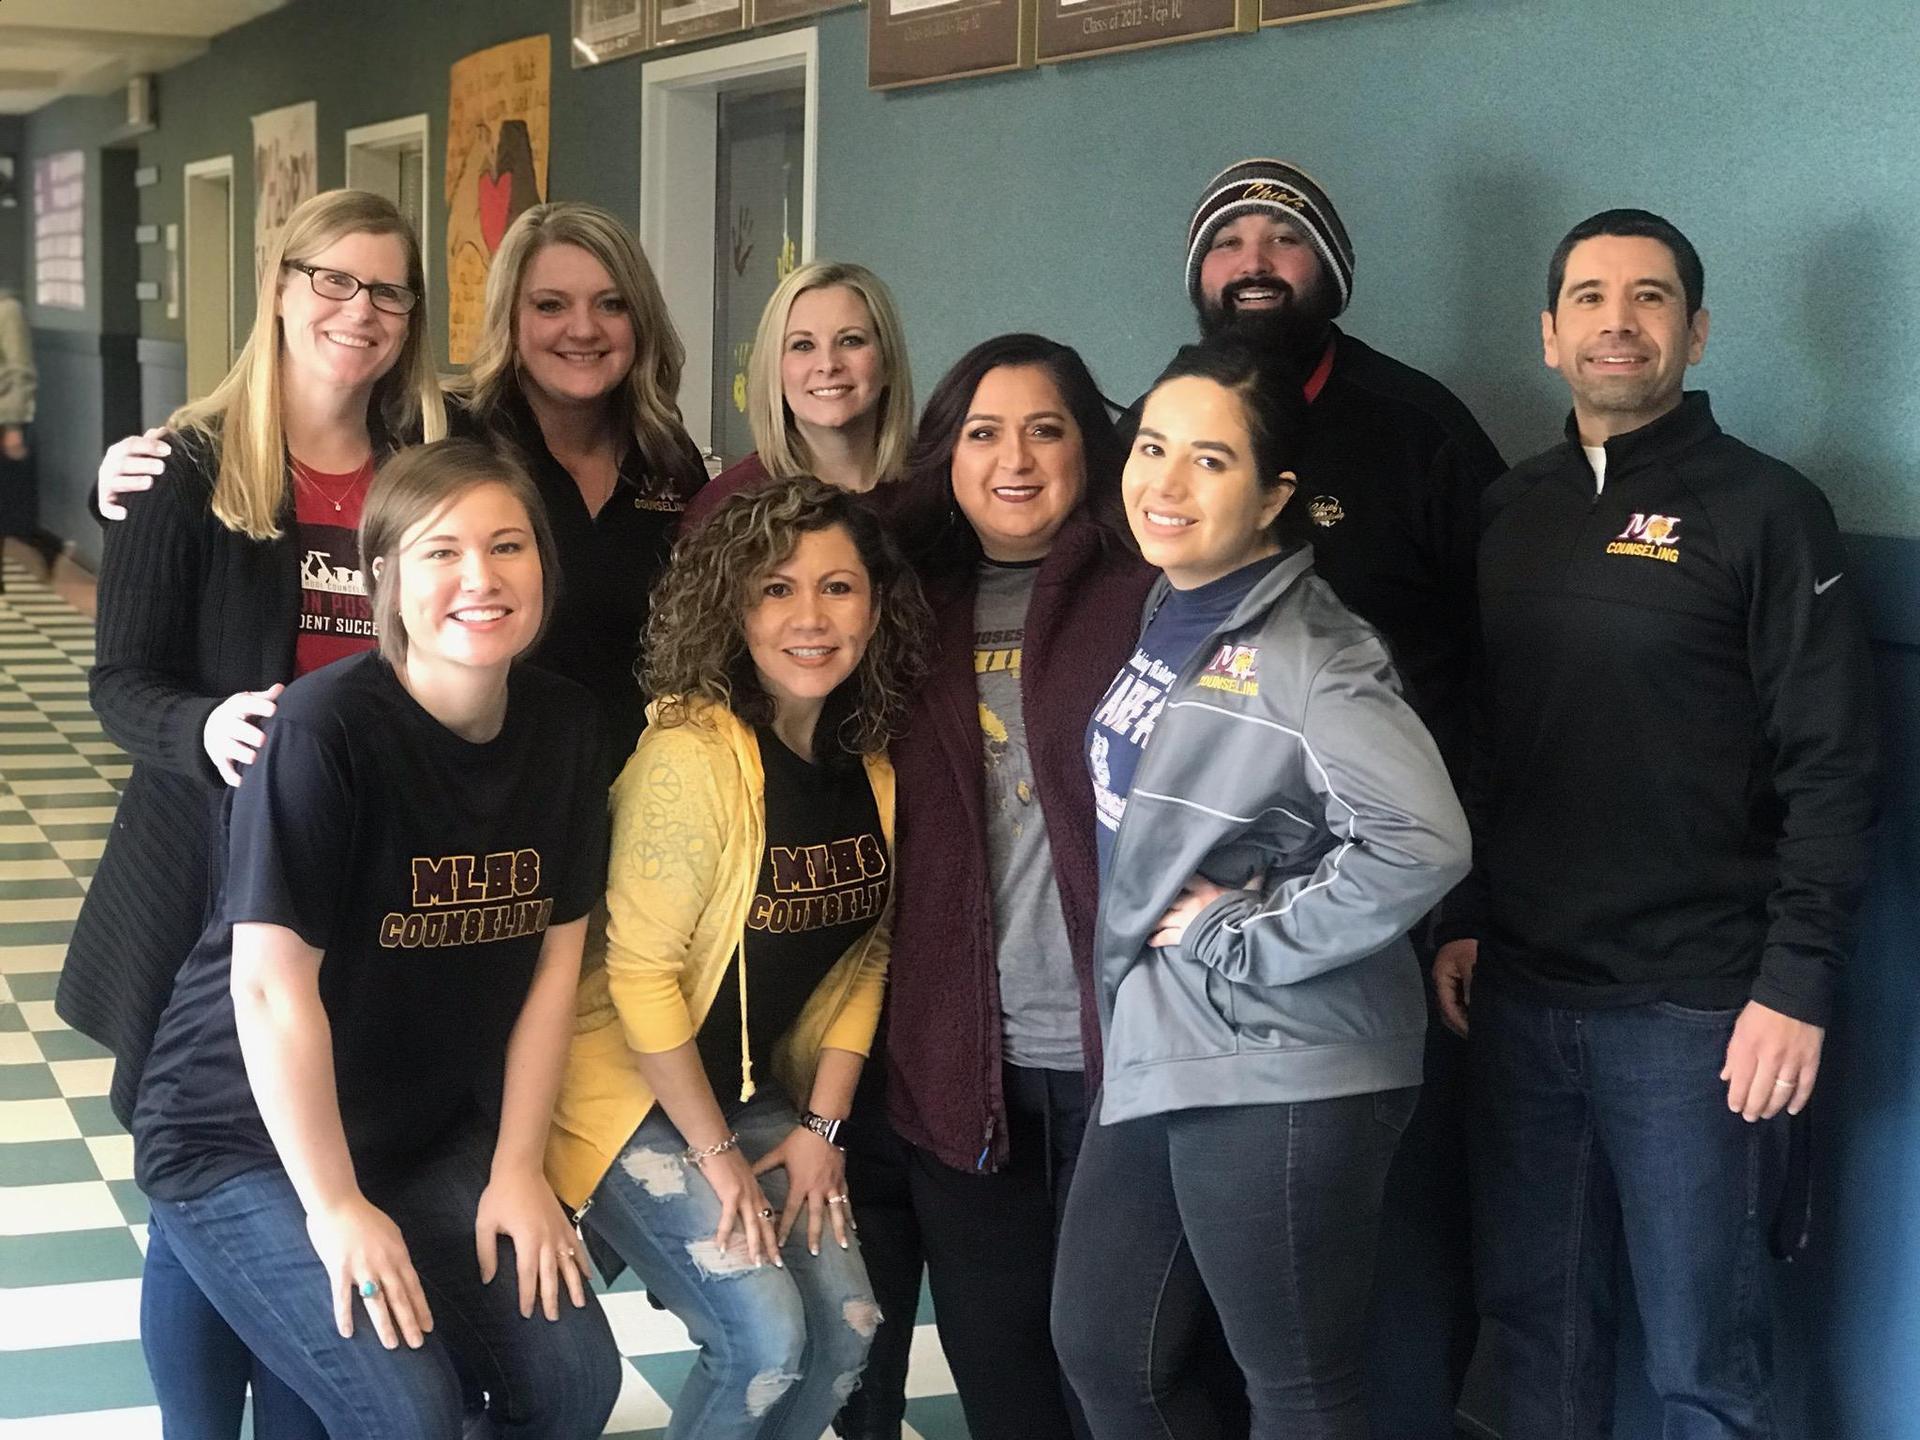 MLHS School Counselors